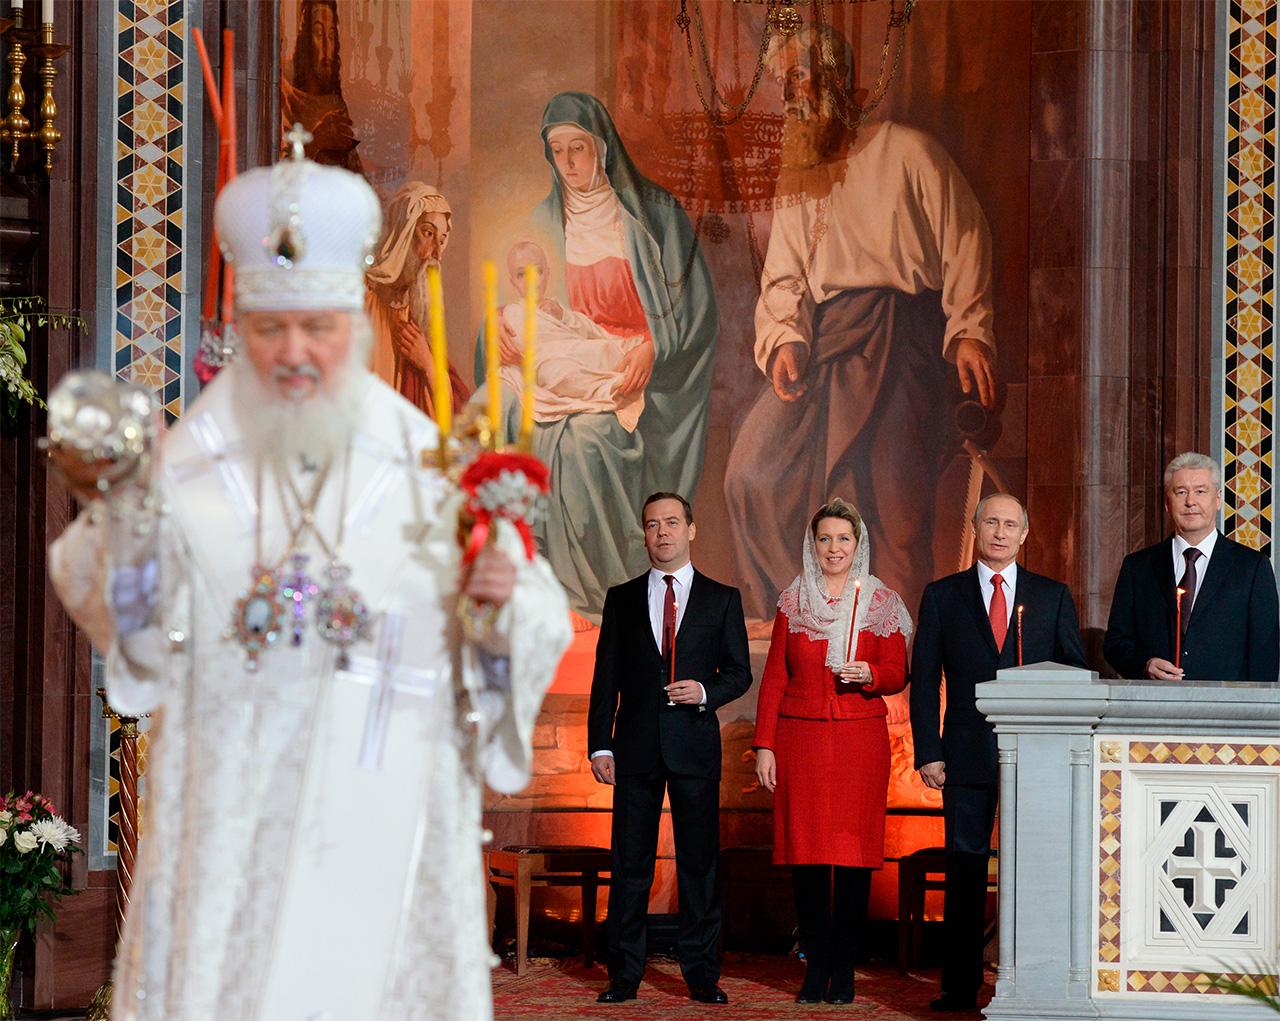 In fondo, da sinistra: il primo ministro russo Dmitrij Medvedv, sua moglie Svetlana Medvedeva, il Presidente russo Vladimir Putin e il sindaco di Mosca Sergej Sobyanin durante una liturgia nella Cattedrale di Cristo Salvatore a Mosca. In primo piano, il Patriarca di Mosca e di tutte le Russie Kirill, 12 aprile 2015\n